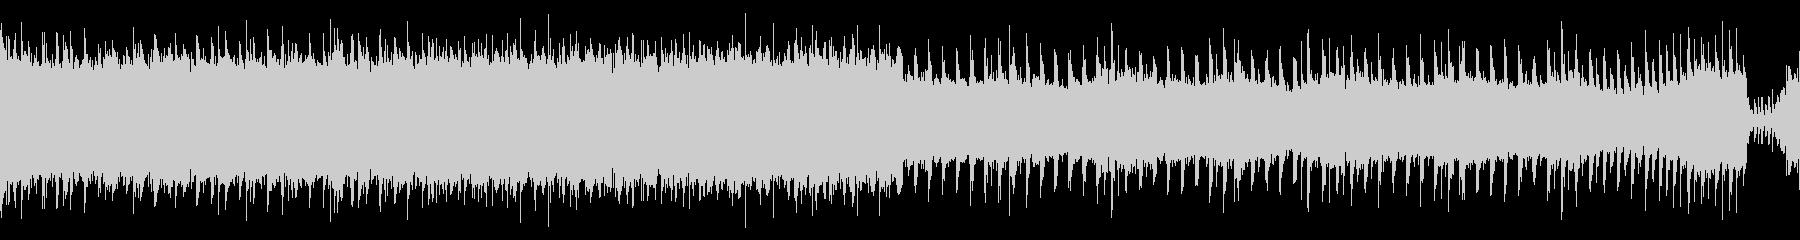 【メロなし/ループ】激しいロックアンセムの未再生の波形